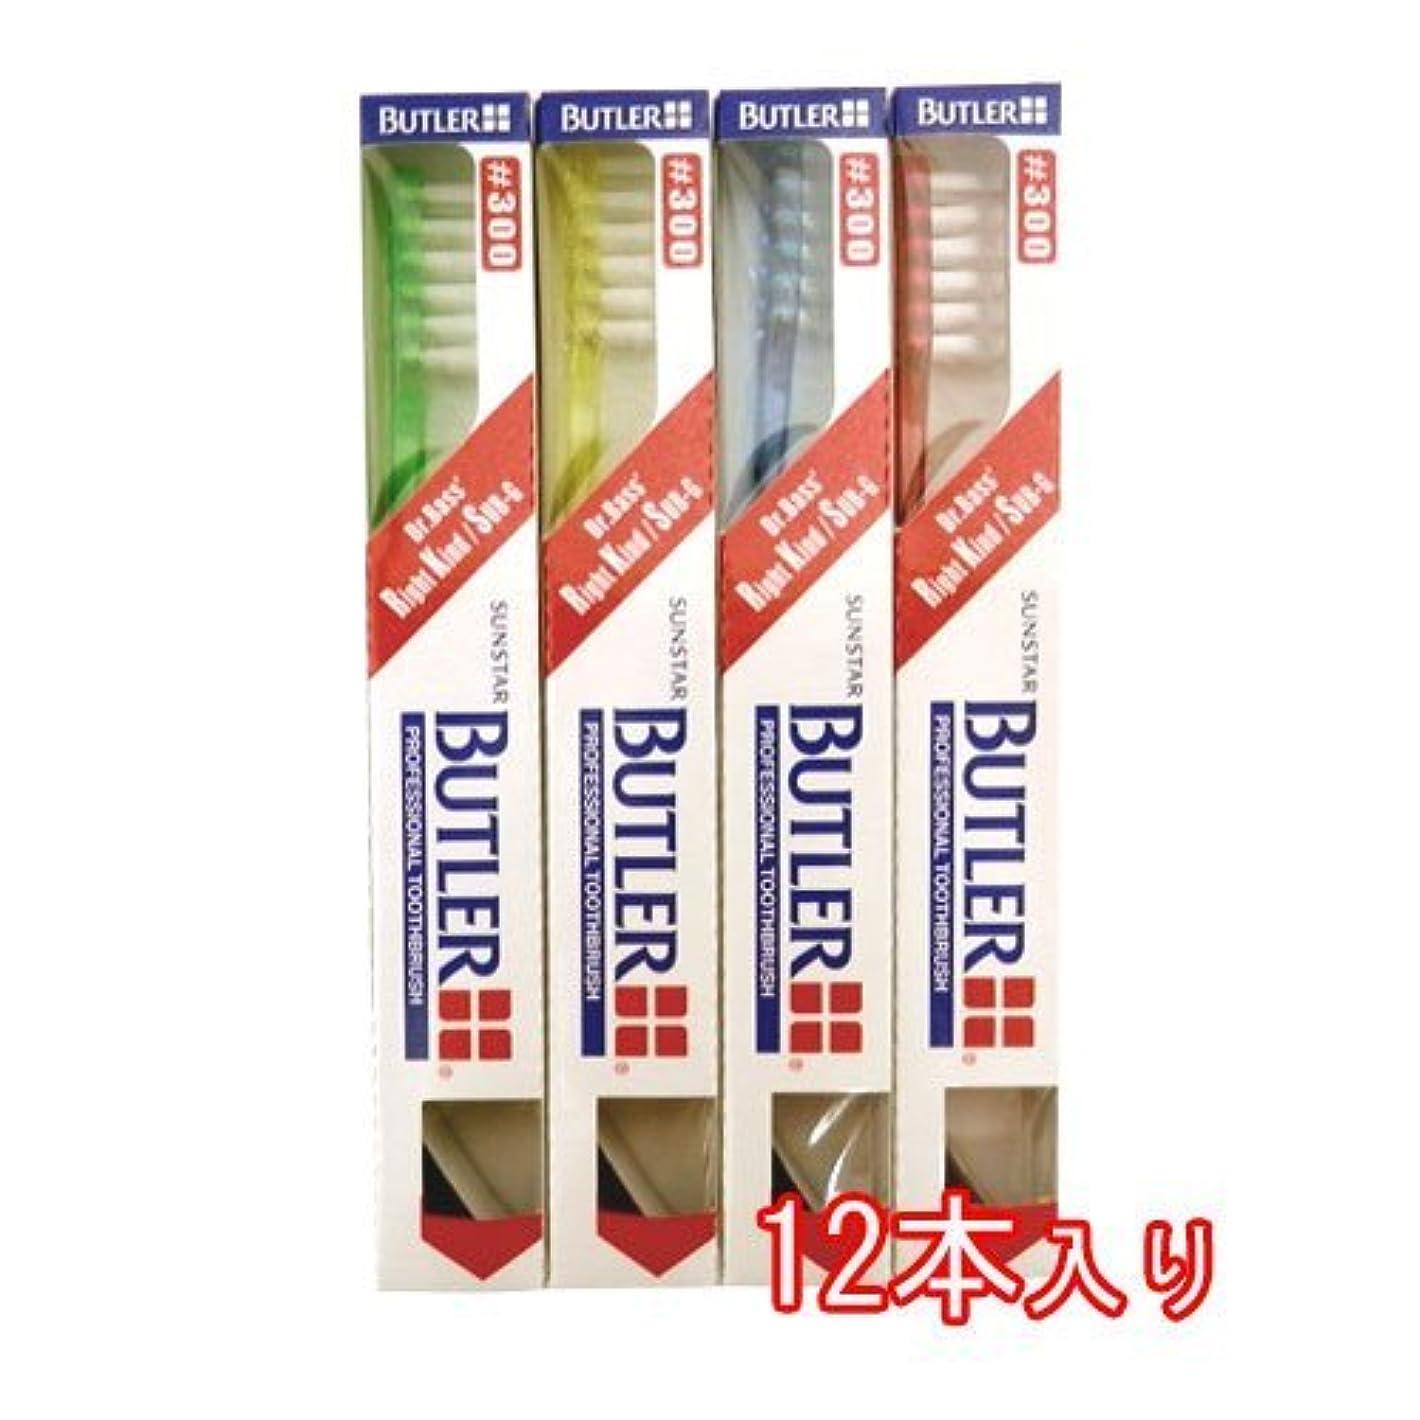 ヘビ知り合いになる効率的バトラー 歯ブラシ 12本入 (#300)